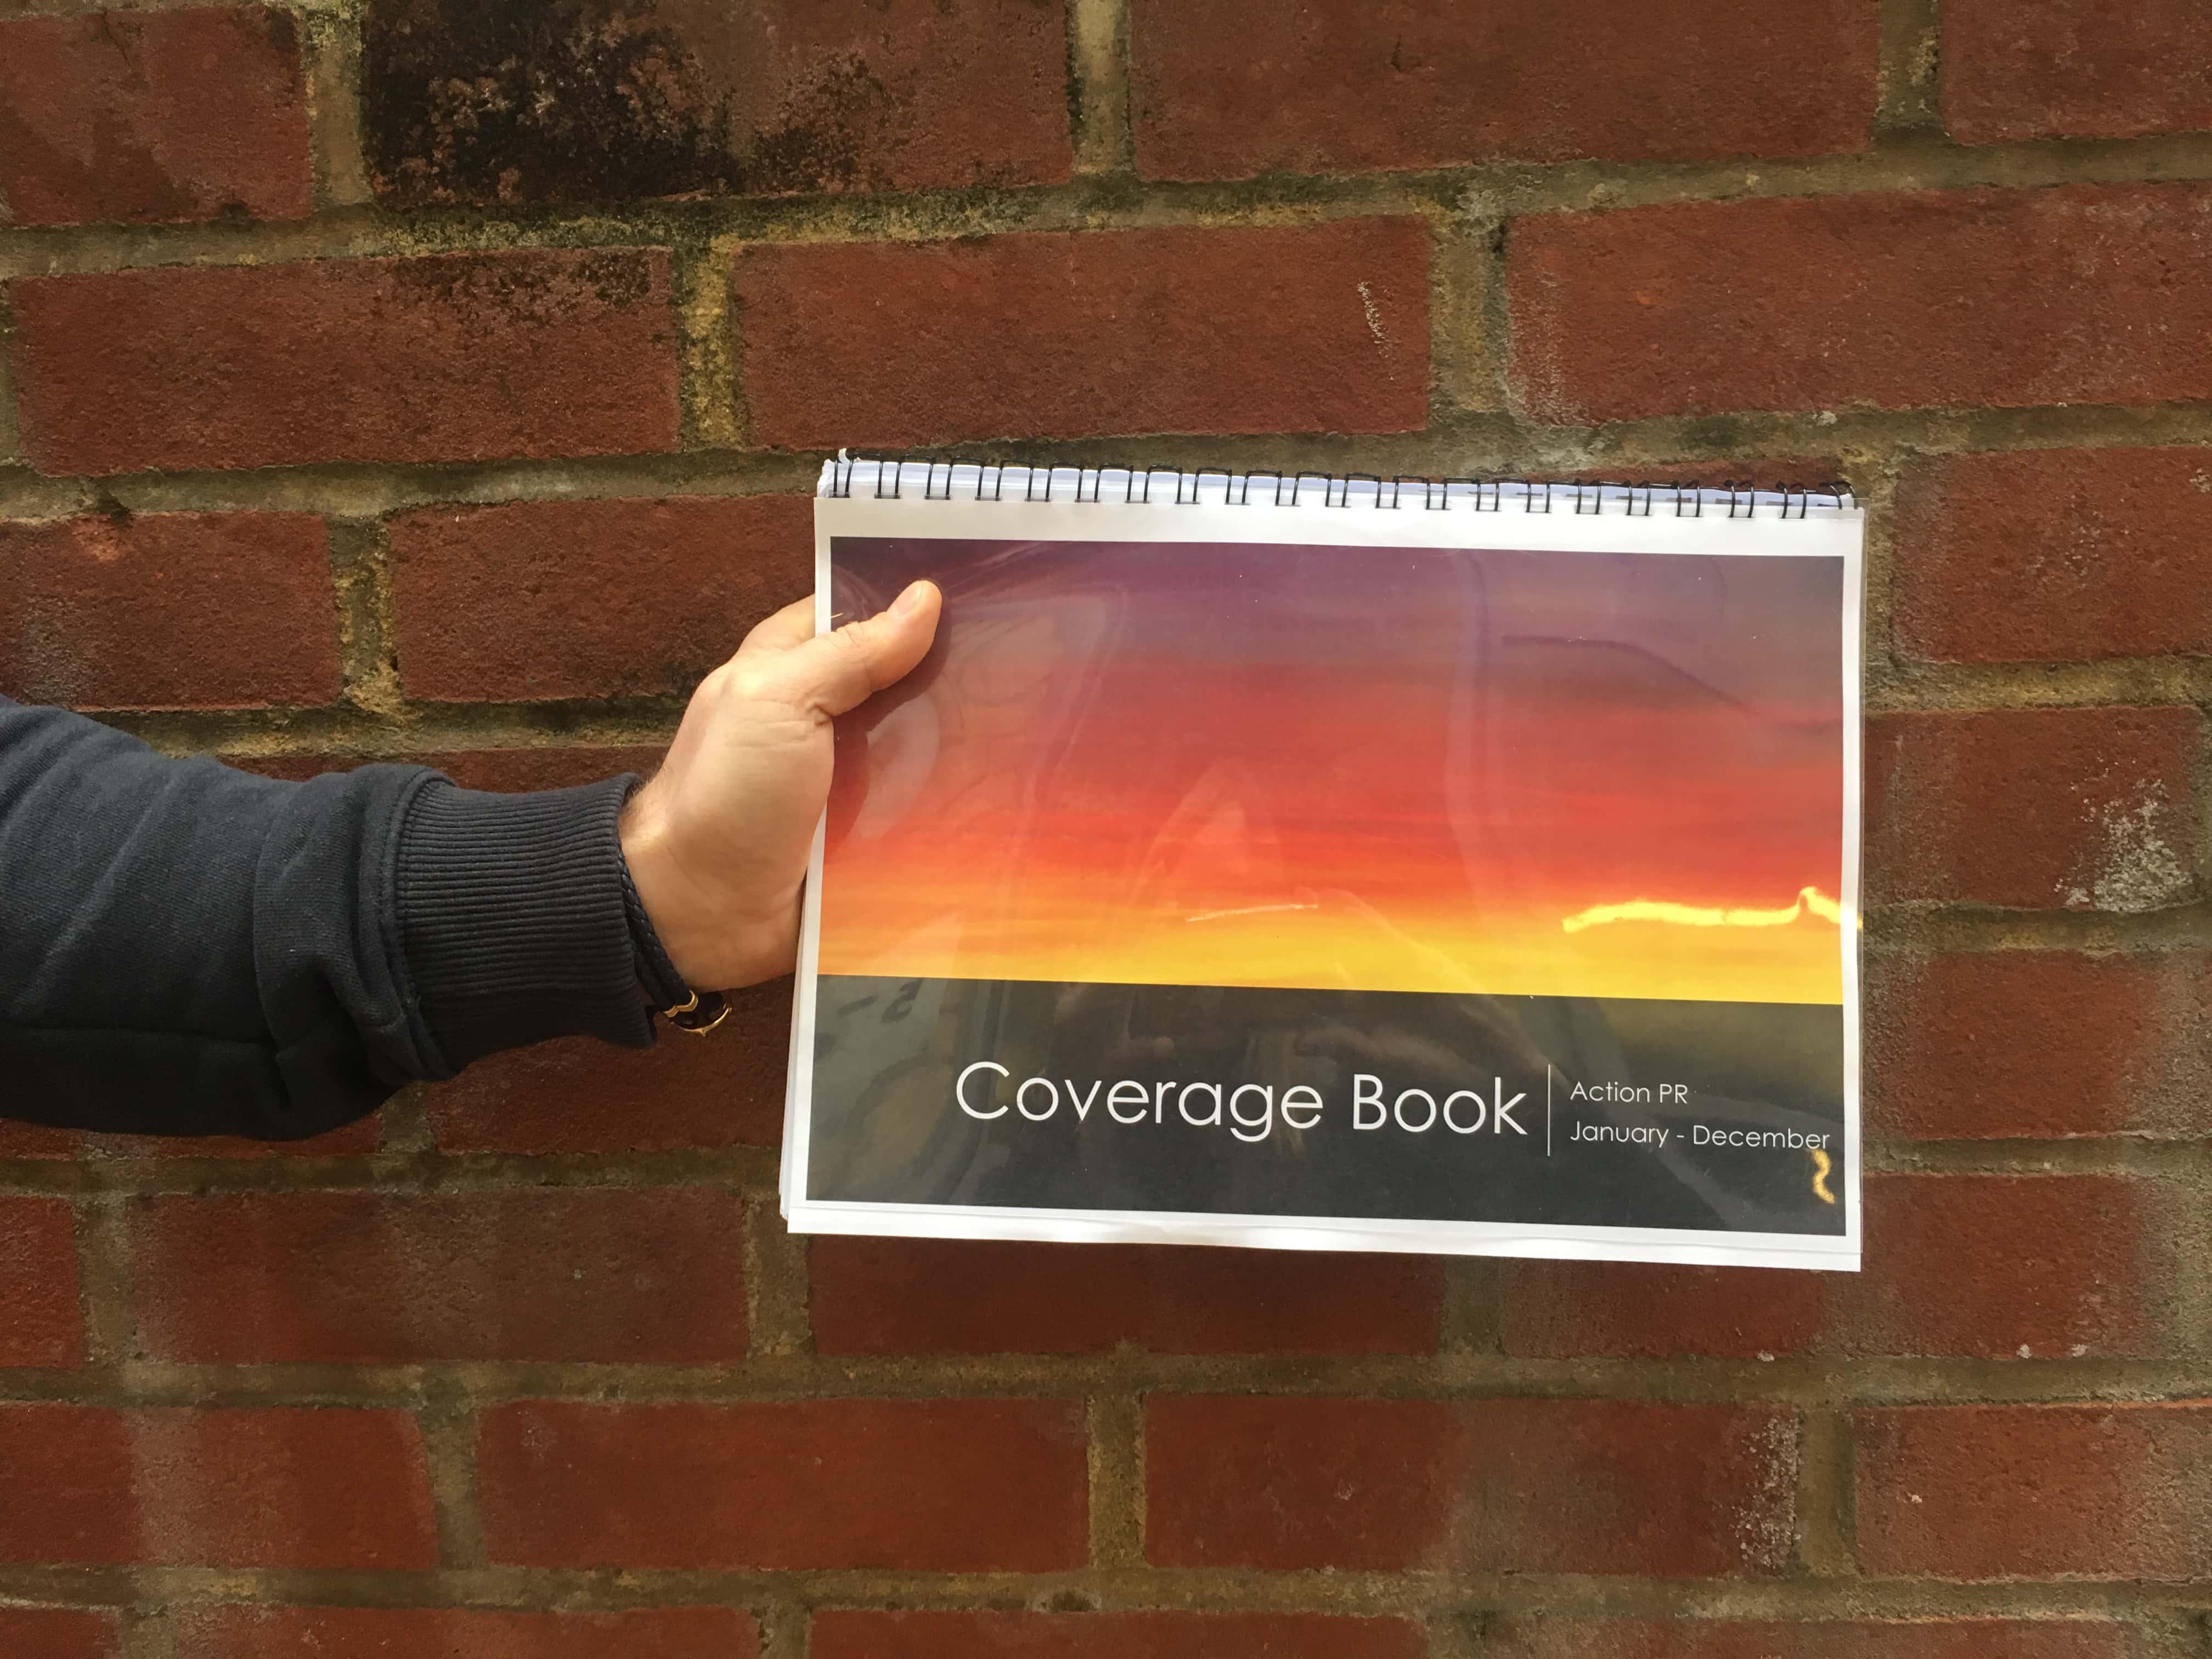 Coverage Book